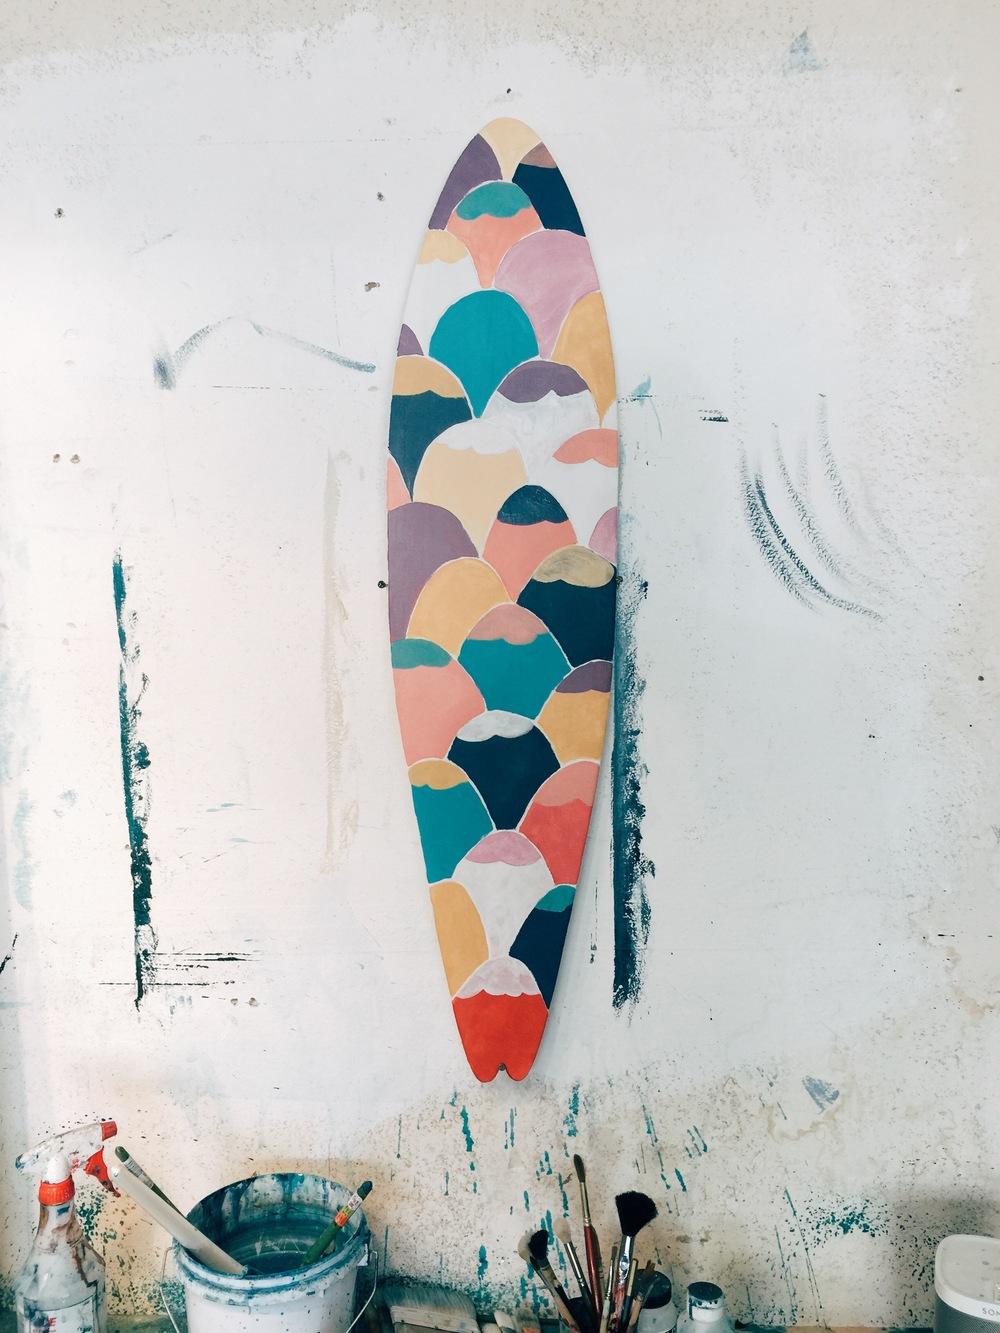 Original Longboard Painting by Kyle Steed